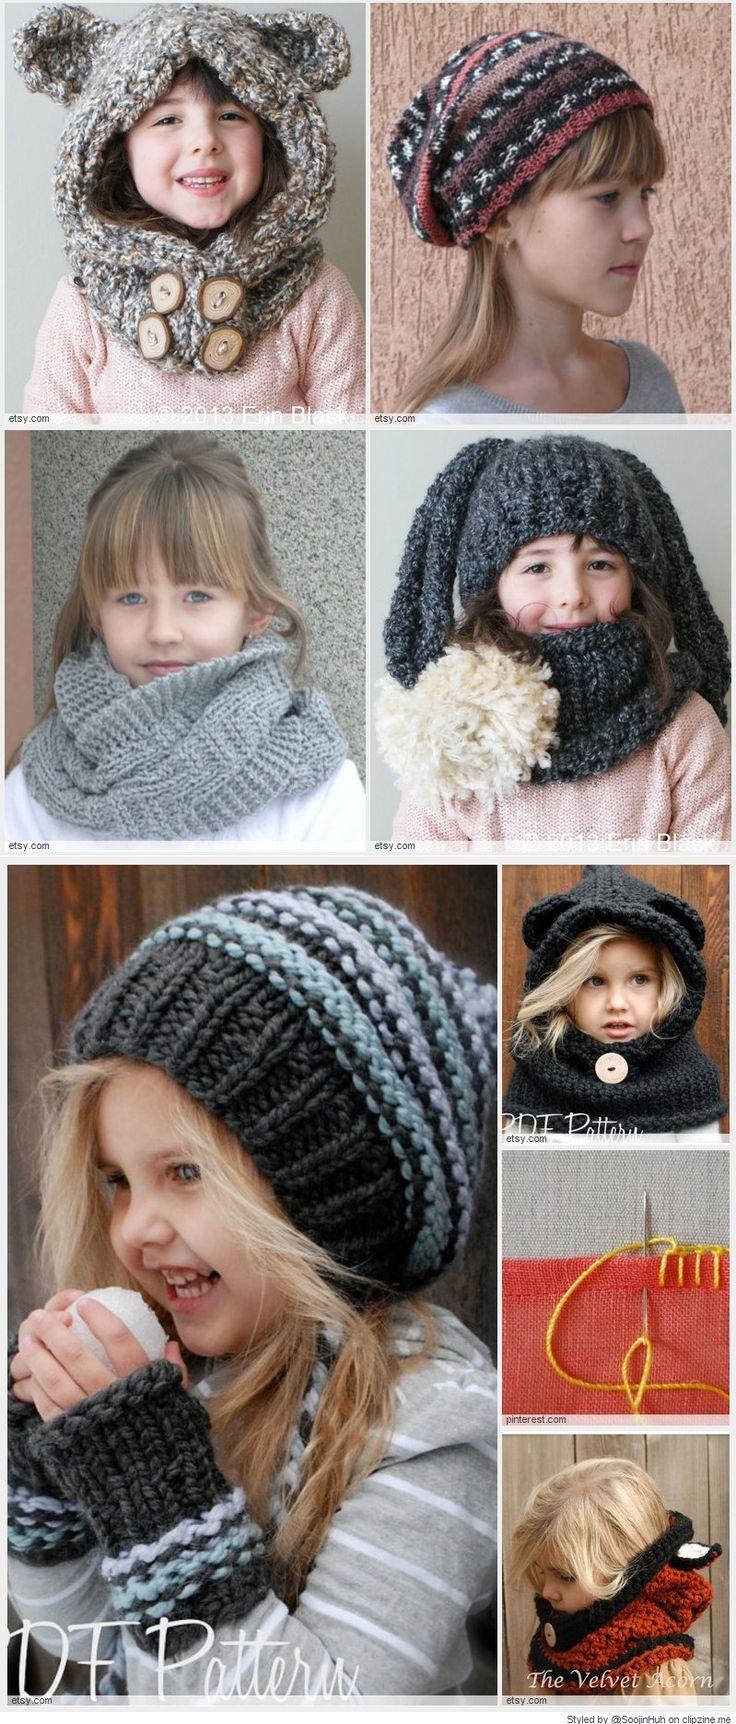 Inspiring Knit & Crochet Patterns